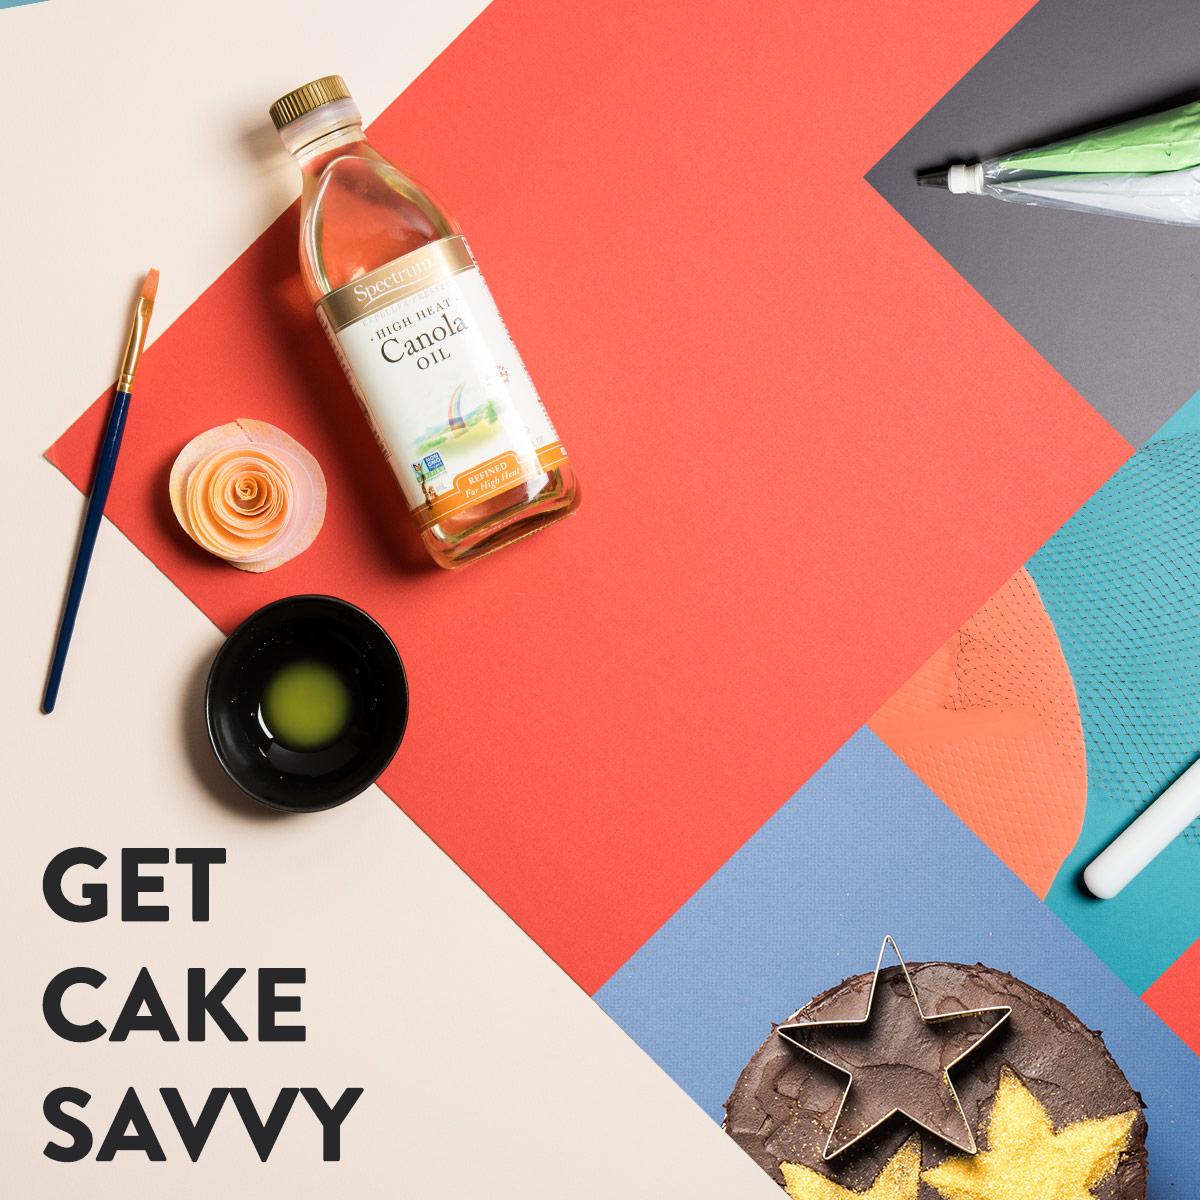 Get Cake Savvy